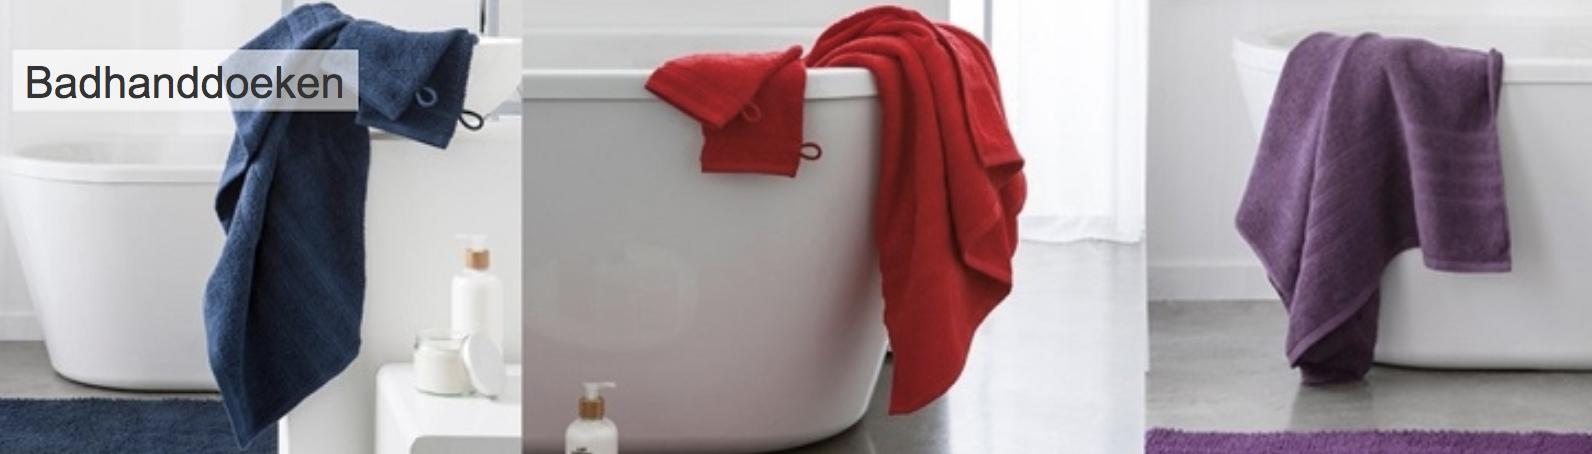 badhanddoeken